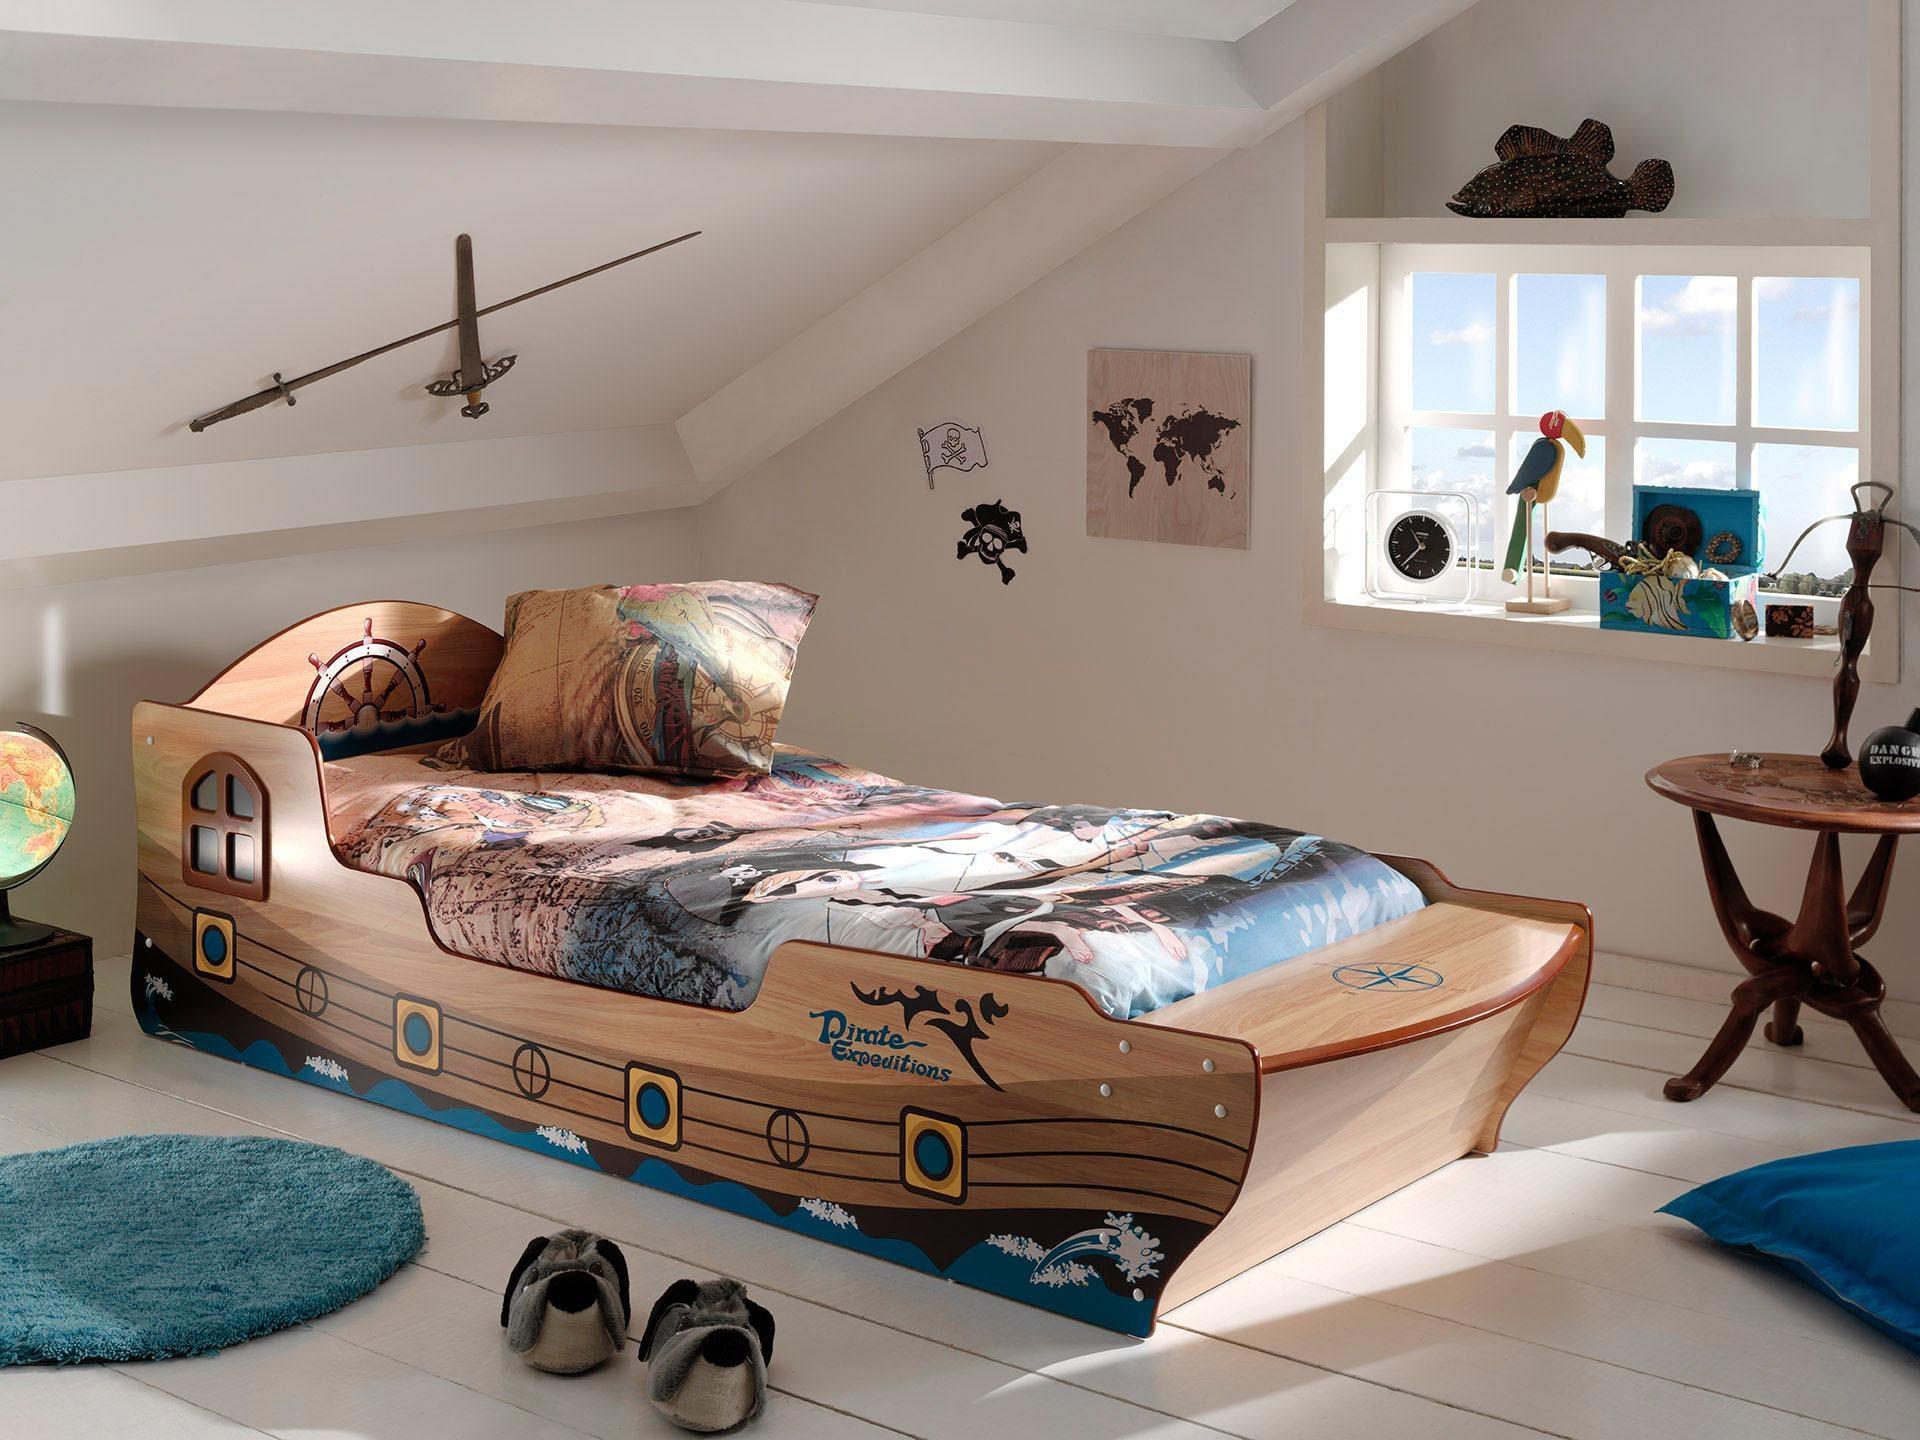 Etagenbett Idealo : Mdf etagenbetten online kaufen möbel suchmaschine ladendirekt